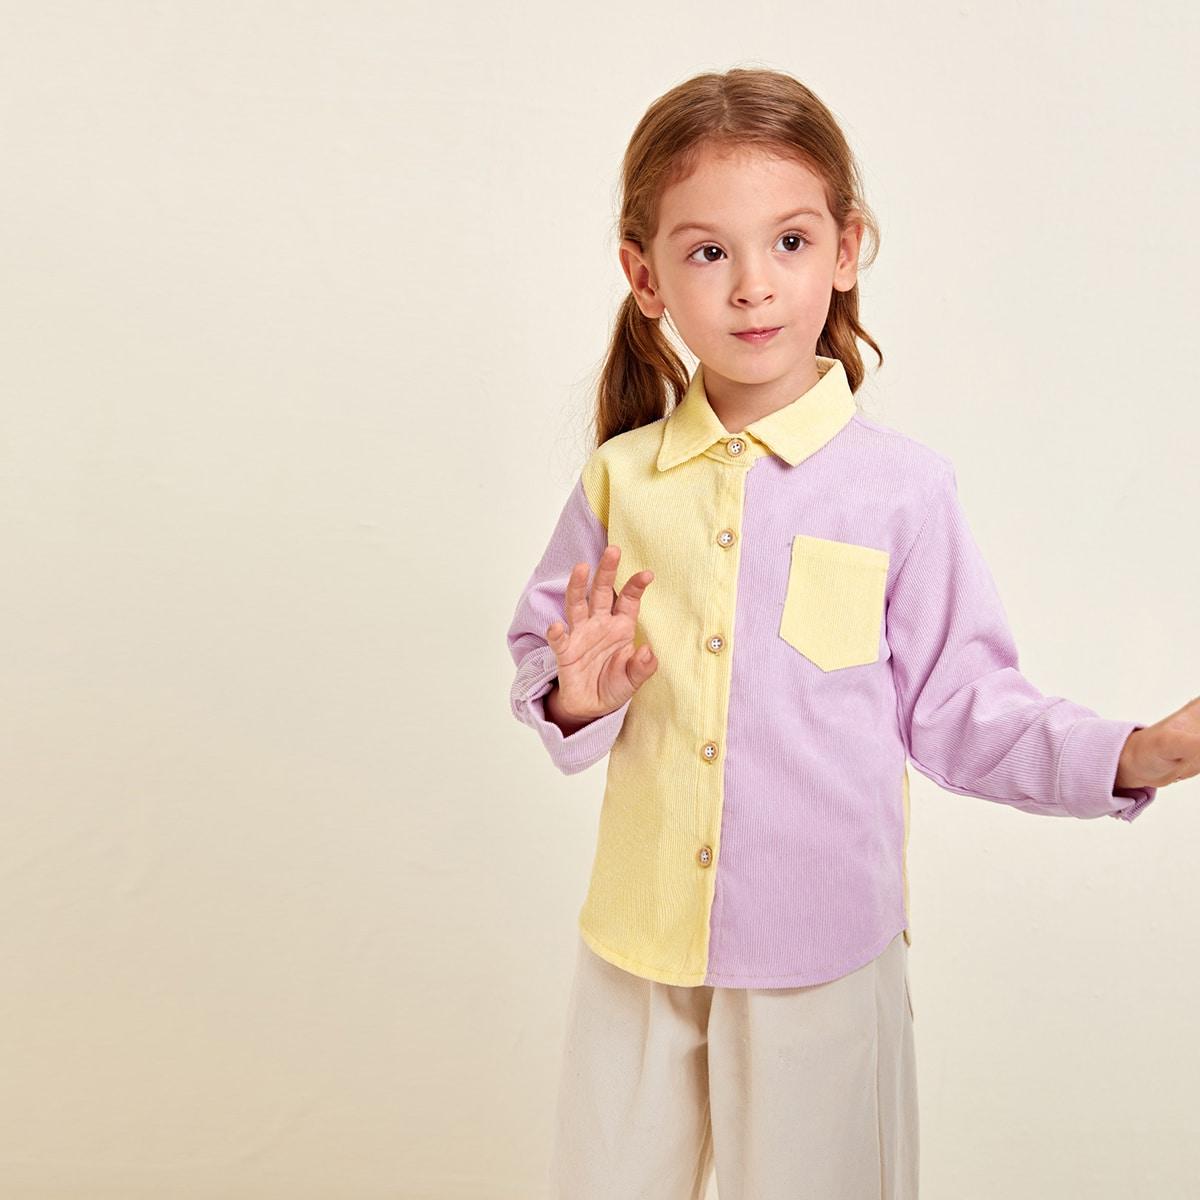 Пуговица контрастный цвет повседневный блузы для девочек